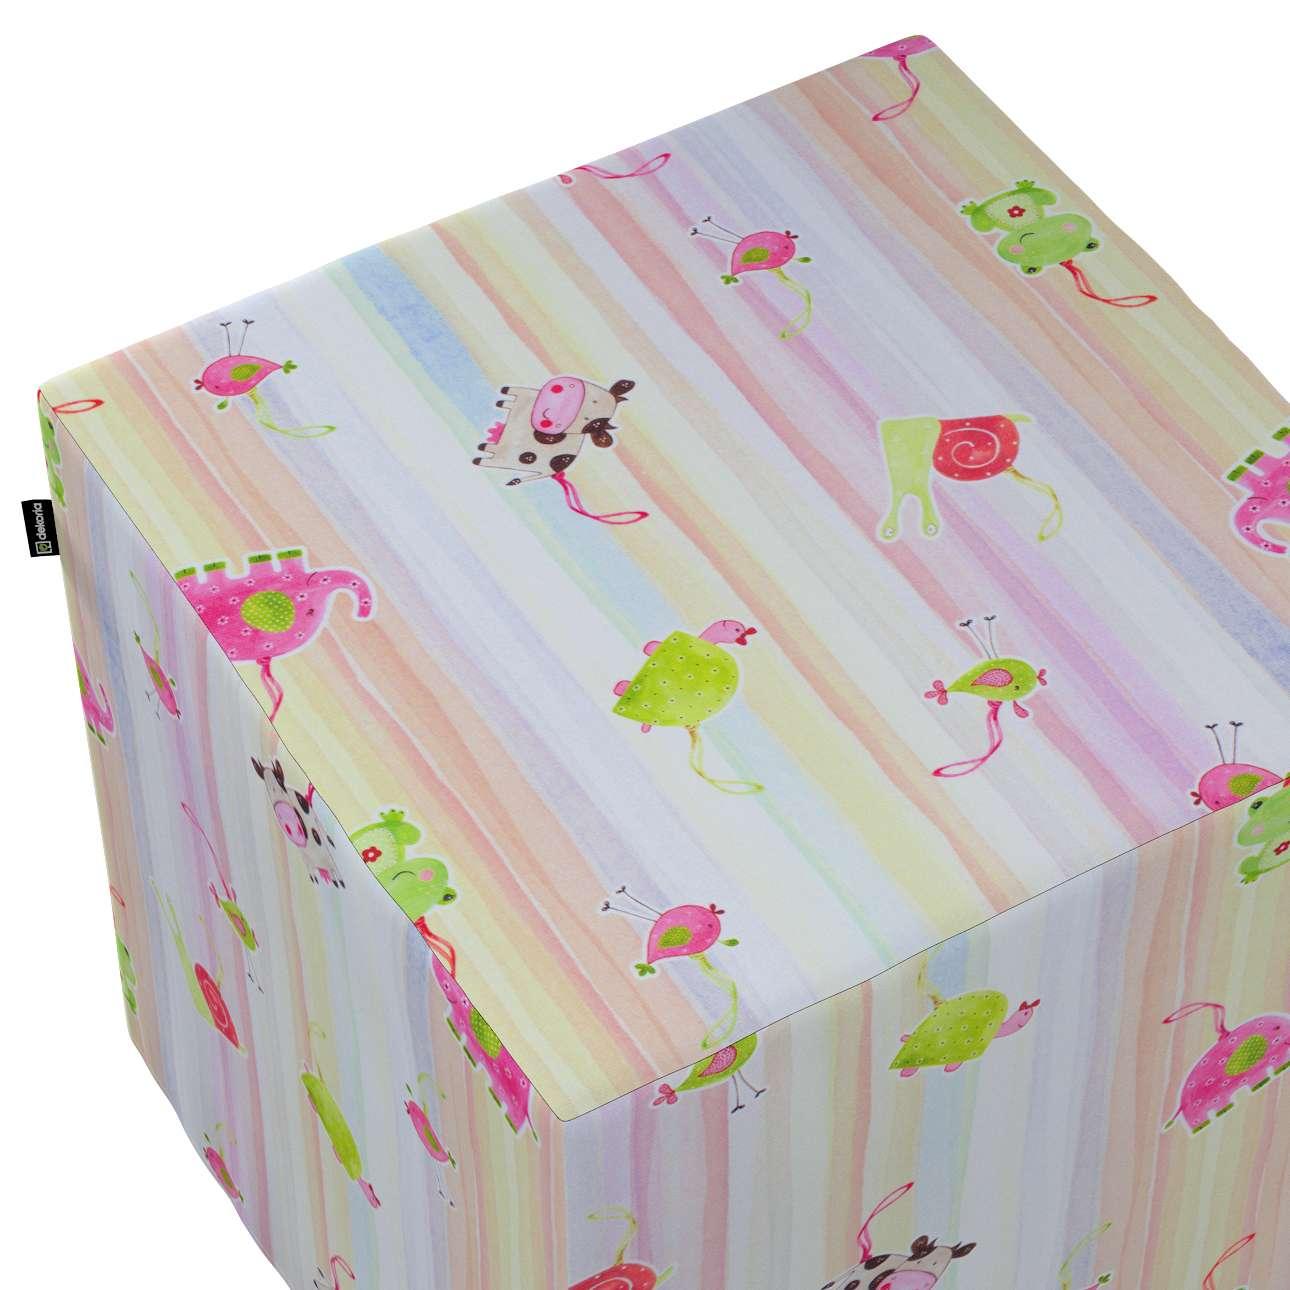 Bezug für Sitzwürfel von der Kollektion Little World, Stoff: 151-05